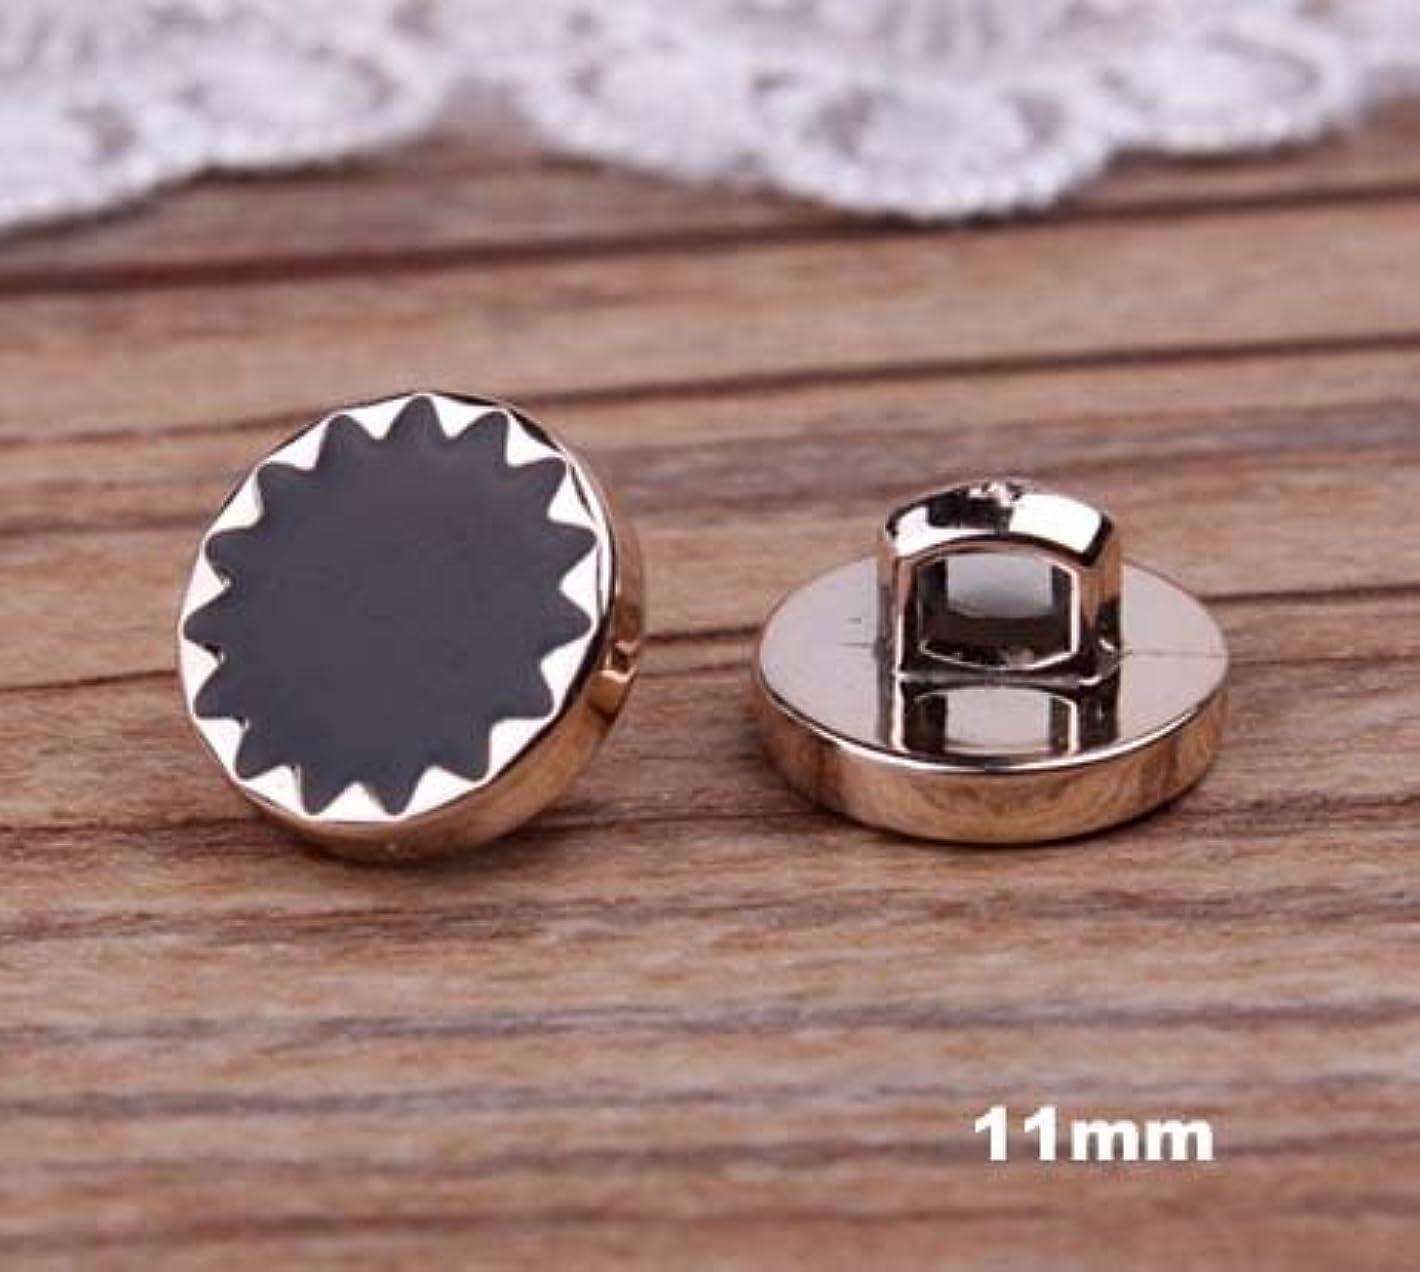 悪化させるバランス段落Propenary - 30個/ロットプラスチックボタン、ゴールドカラーメッキ縫製スターボタン、アパレル、アクセサリー(AA-45)